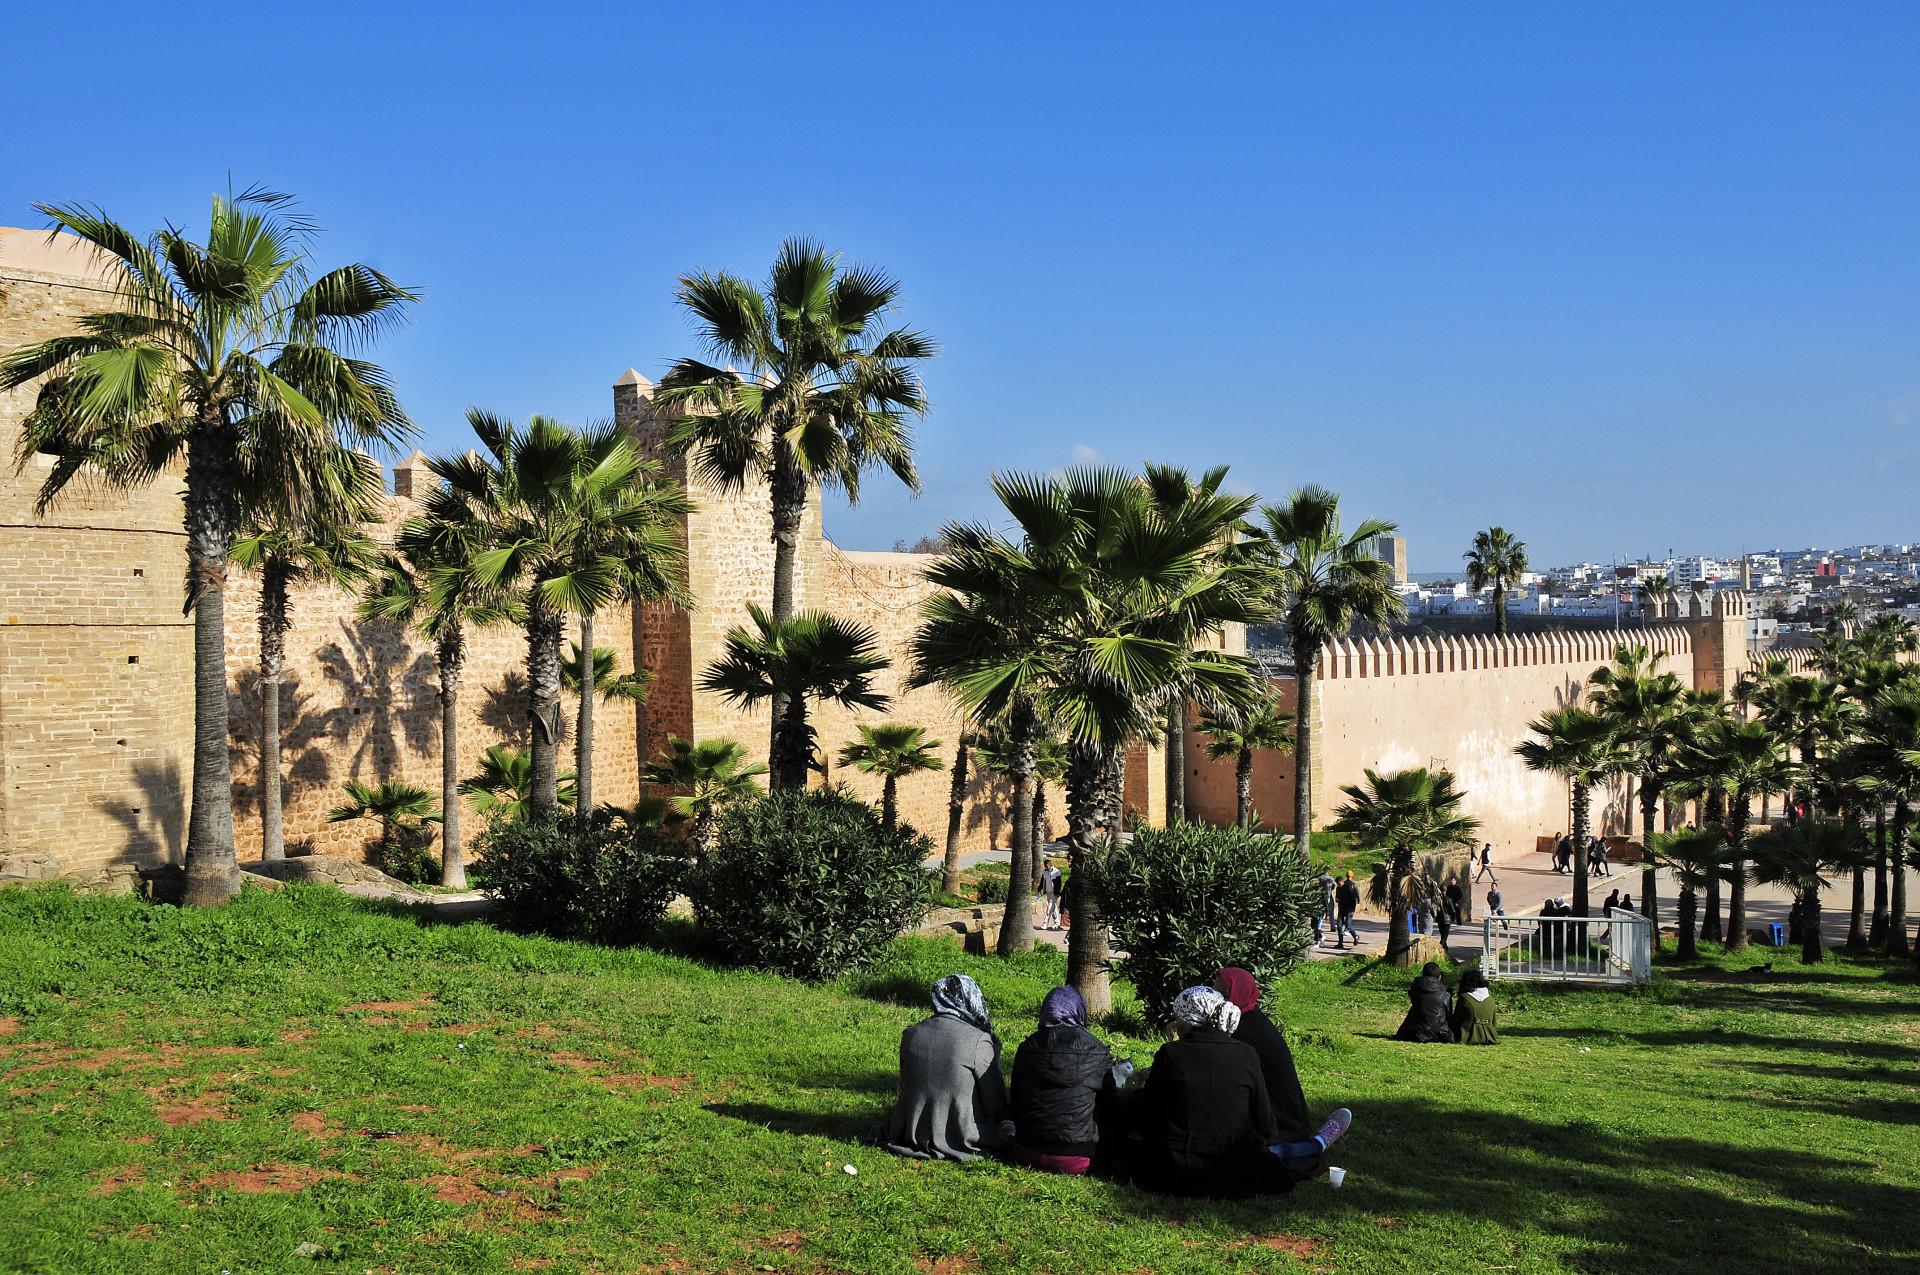 Msenen op grasveld voor Kasbah Oudaya, Rabat, Marokko